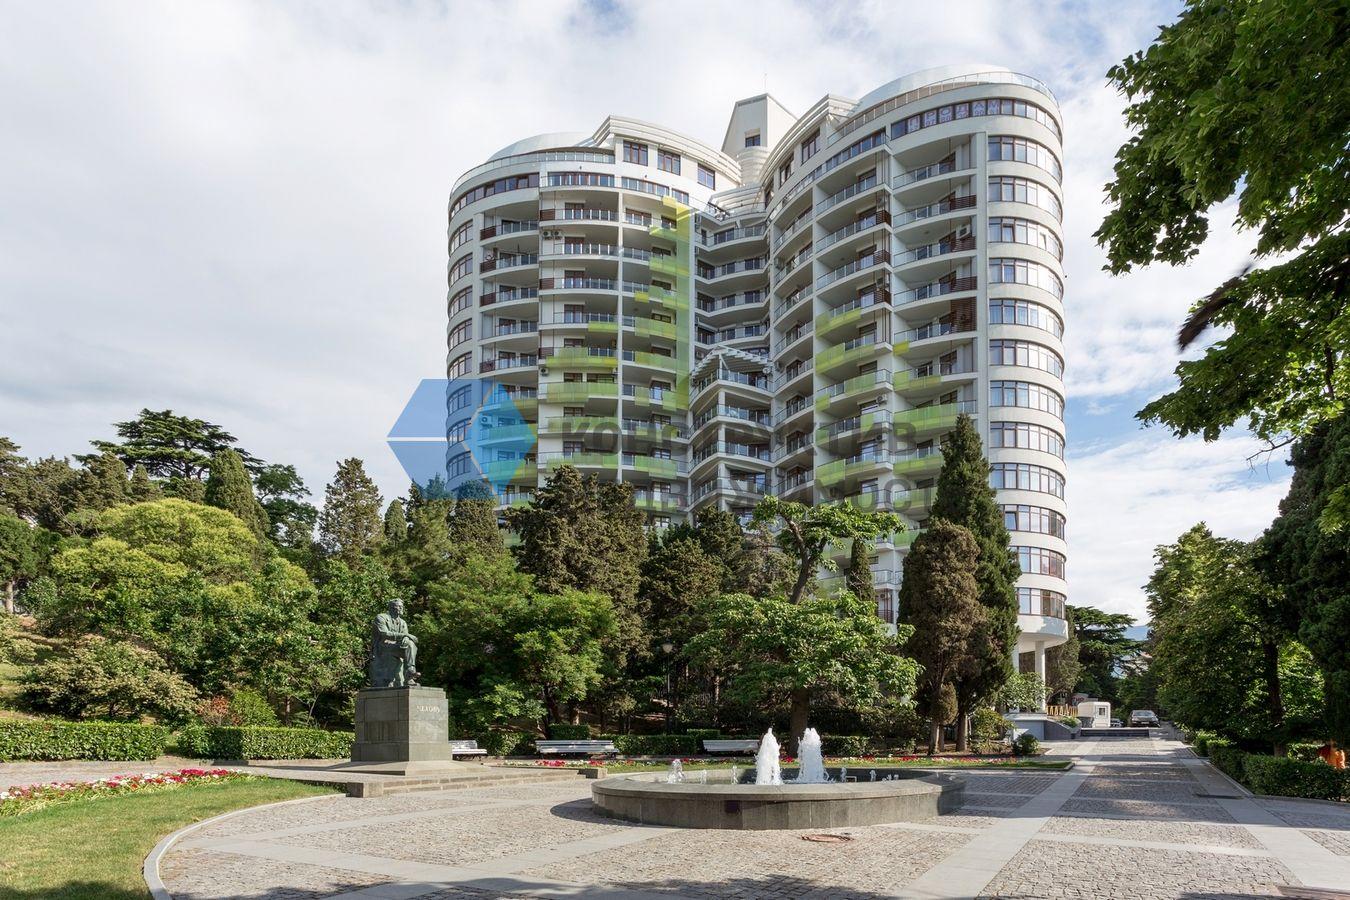 Апартаменты лотос ялта купить квартиру в швейцарии дешево